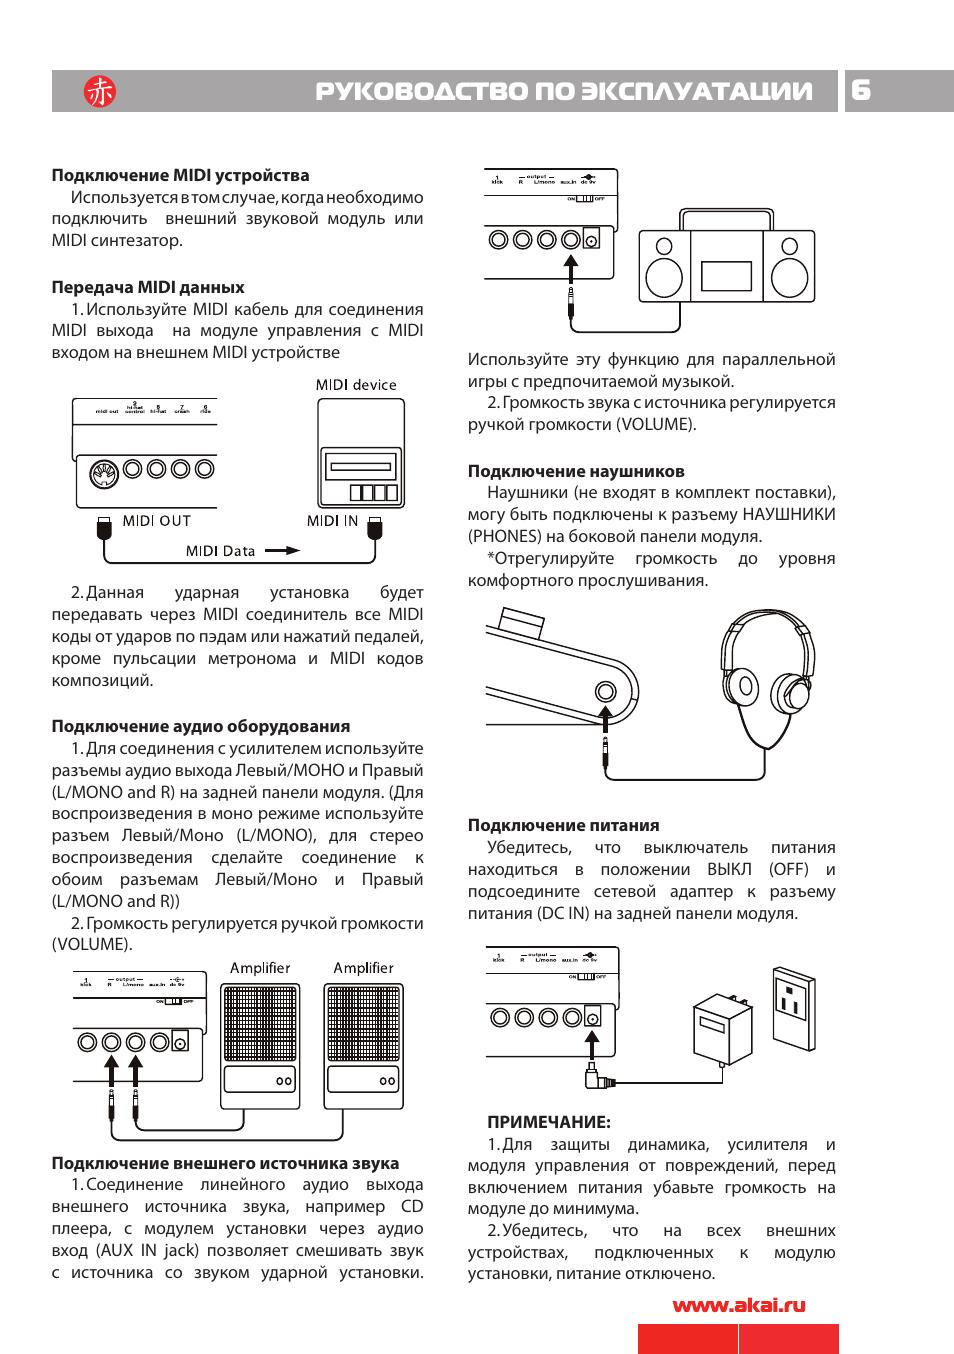 Инструкция эксплуатации плеера